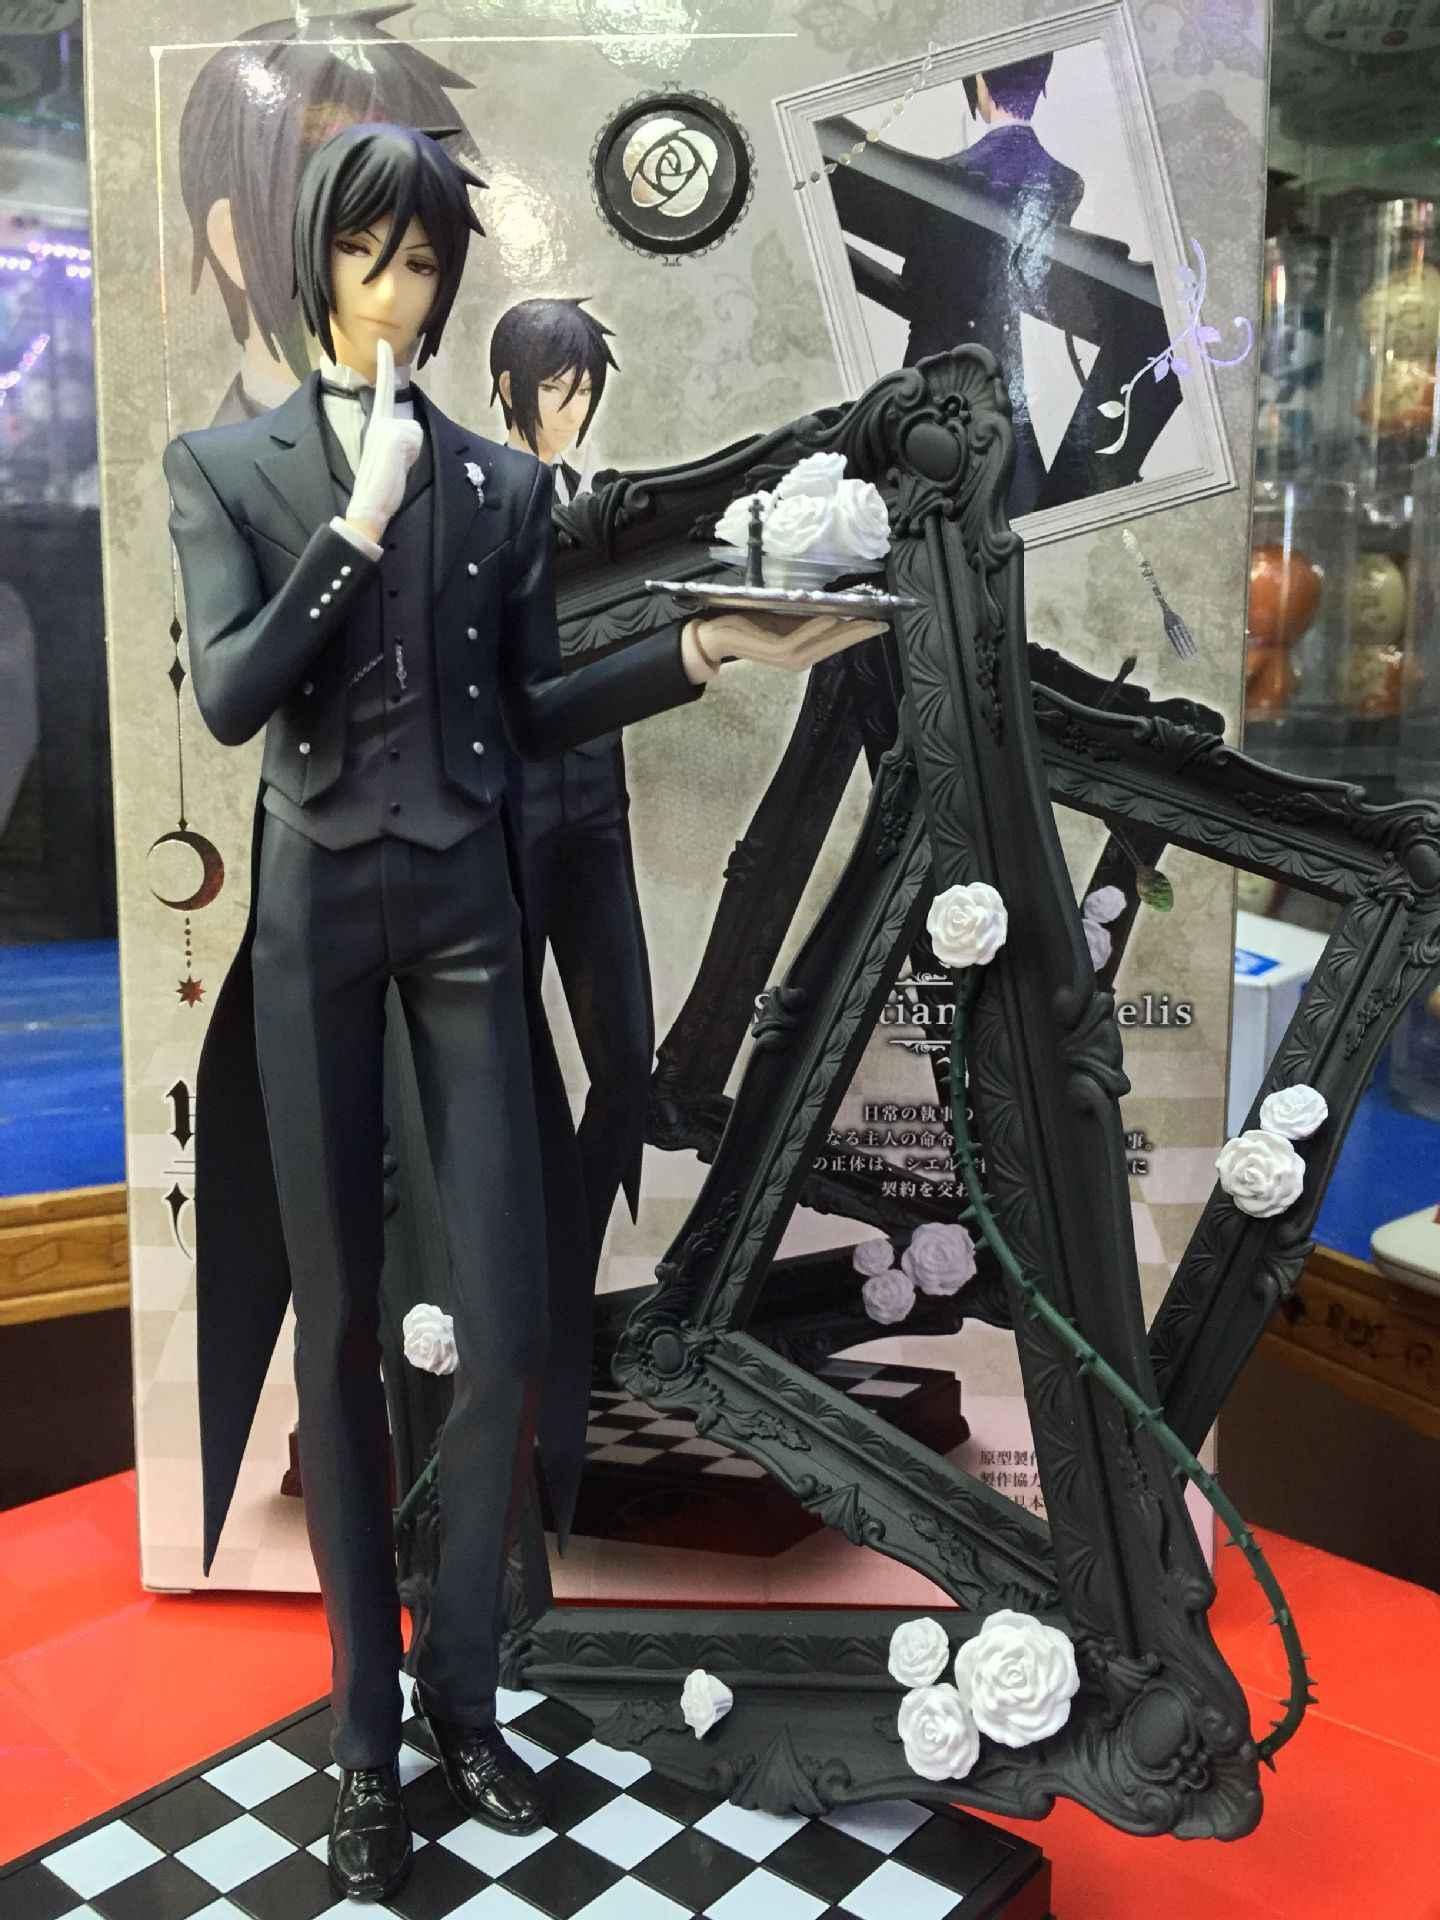 Black Butler 25 cm Livro De Circo Animação Sebastian Michaelis anime japonês figuras de ação & toy figuras Model Collection